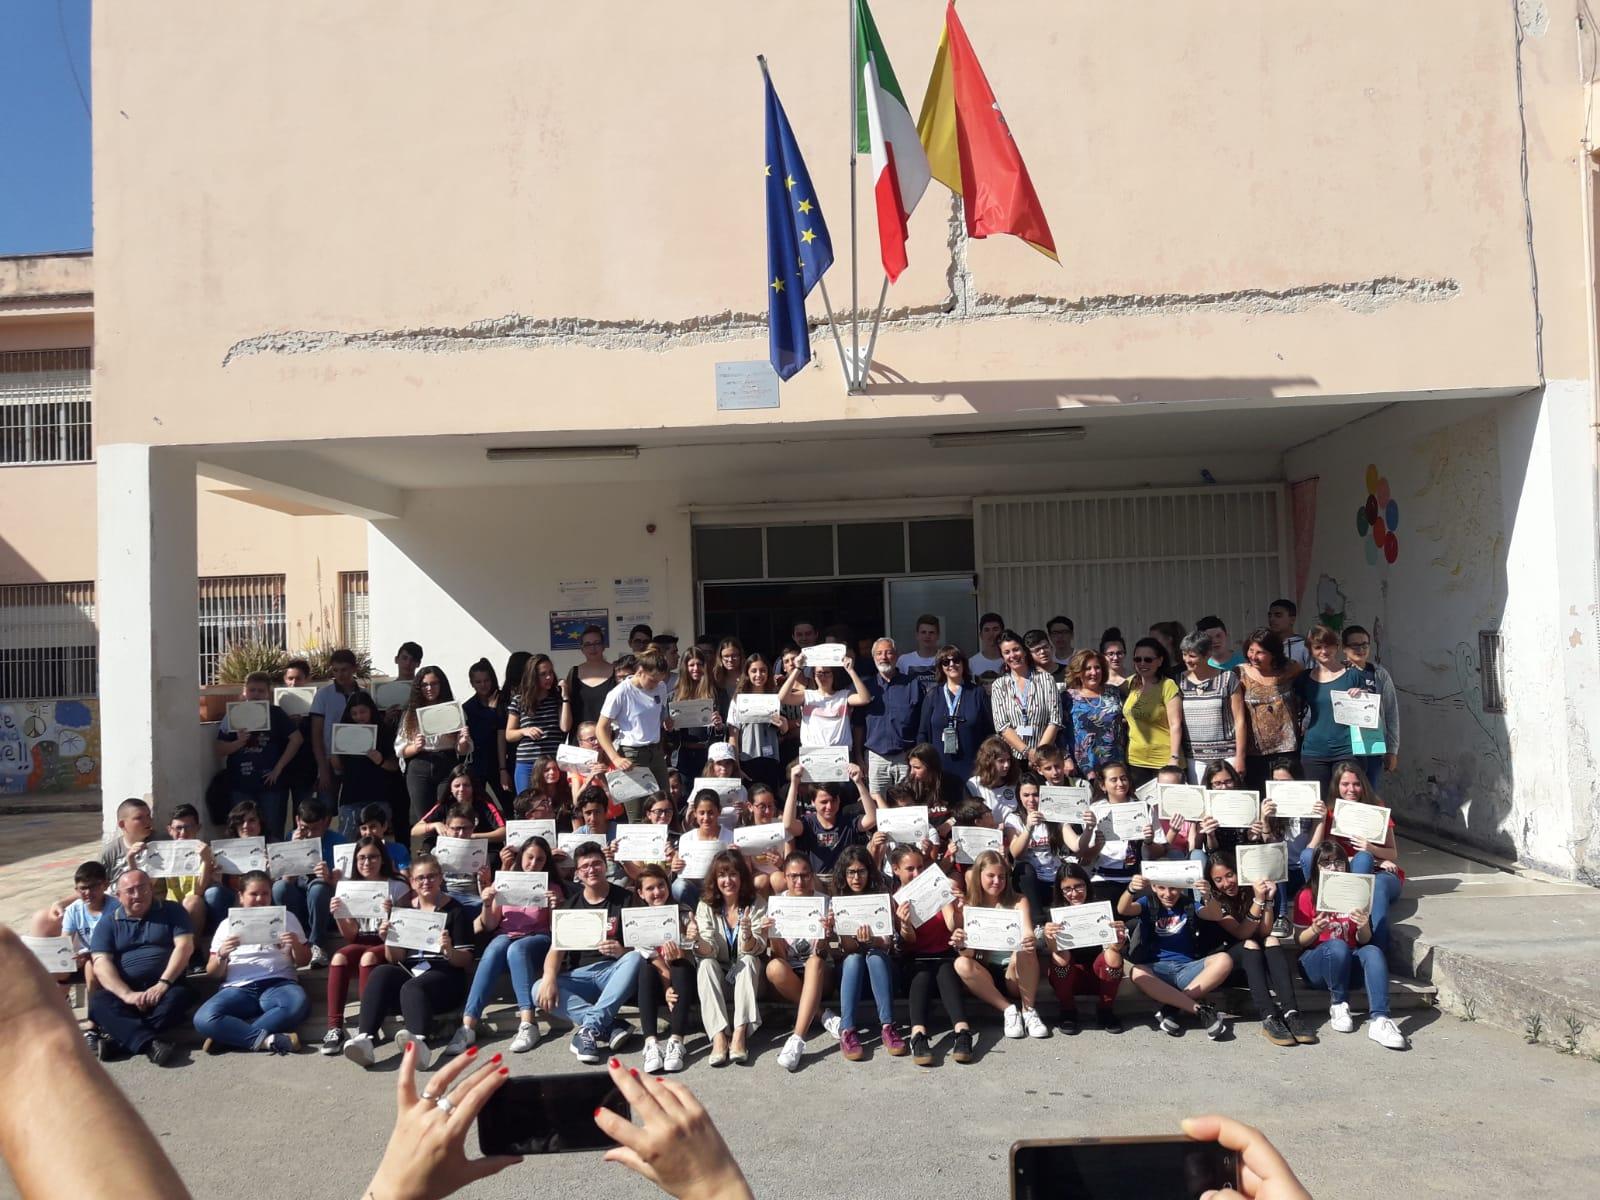 Scuola Guastella, continua l'avventura cooperativa italo-francese!